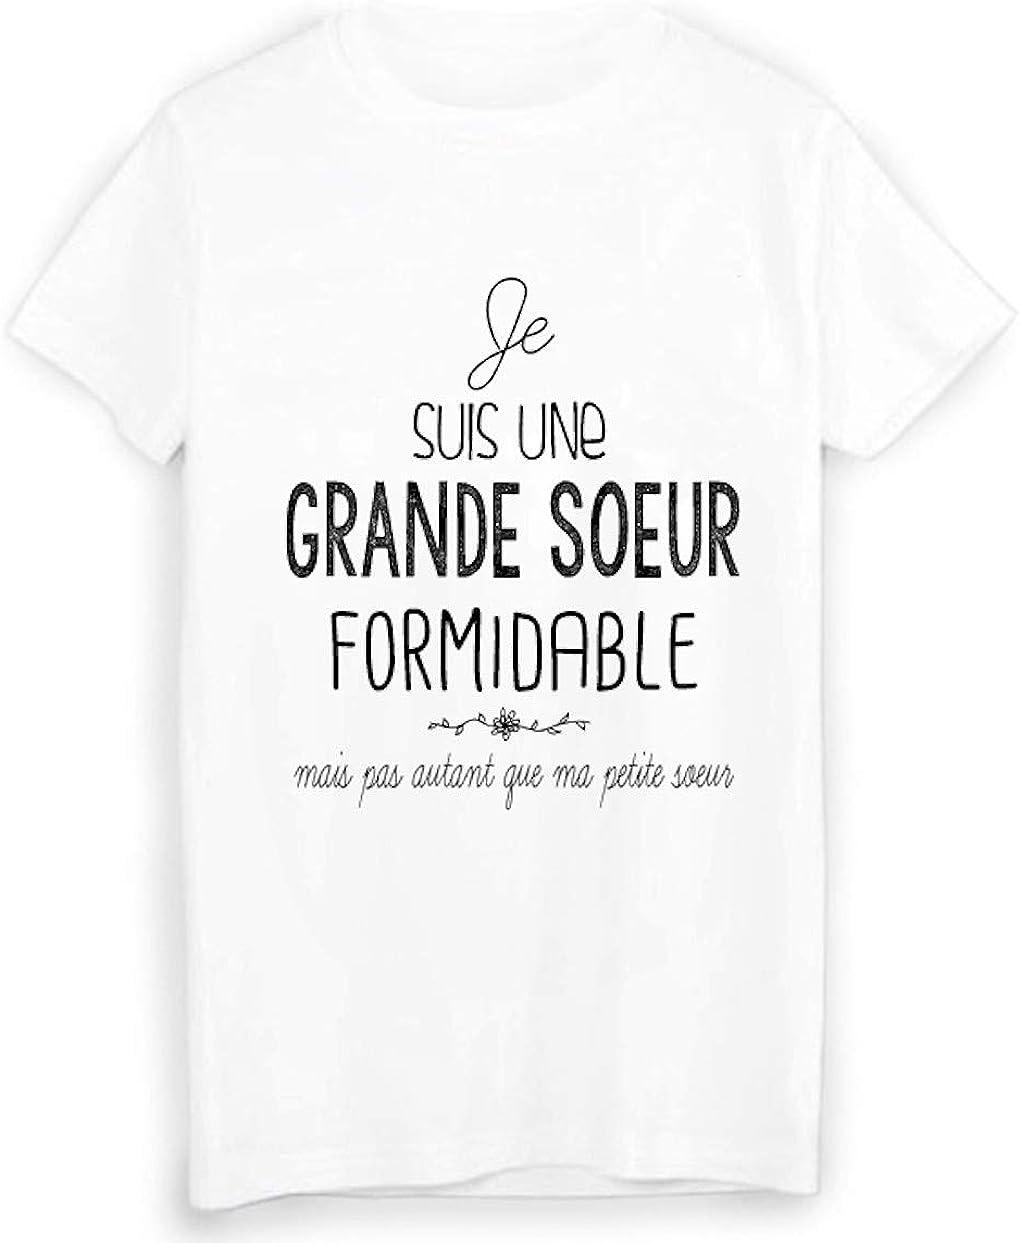 Youdesign Fr T Shirt Je Suis Une Grande Soeur Formidable Humour Ref 1956 Amazon Fr Vetements Et Accessoires